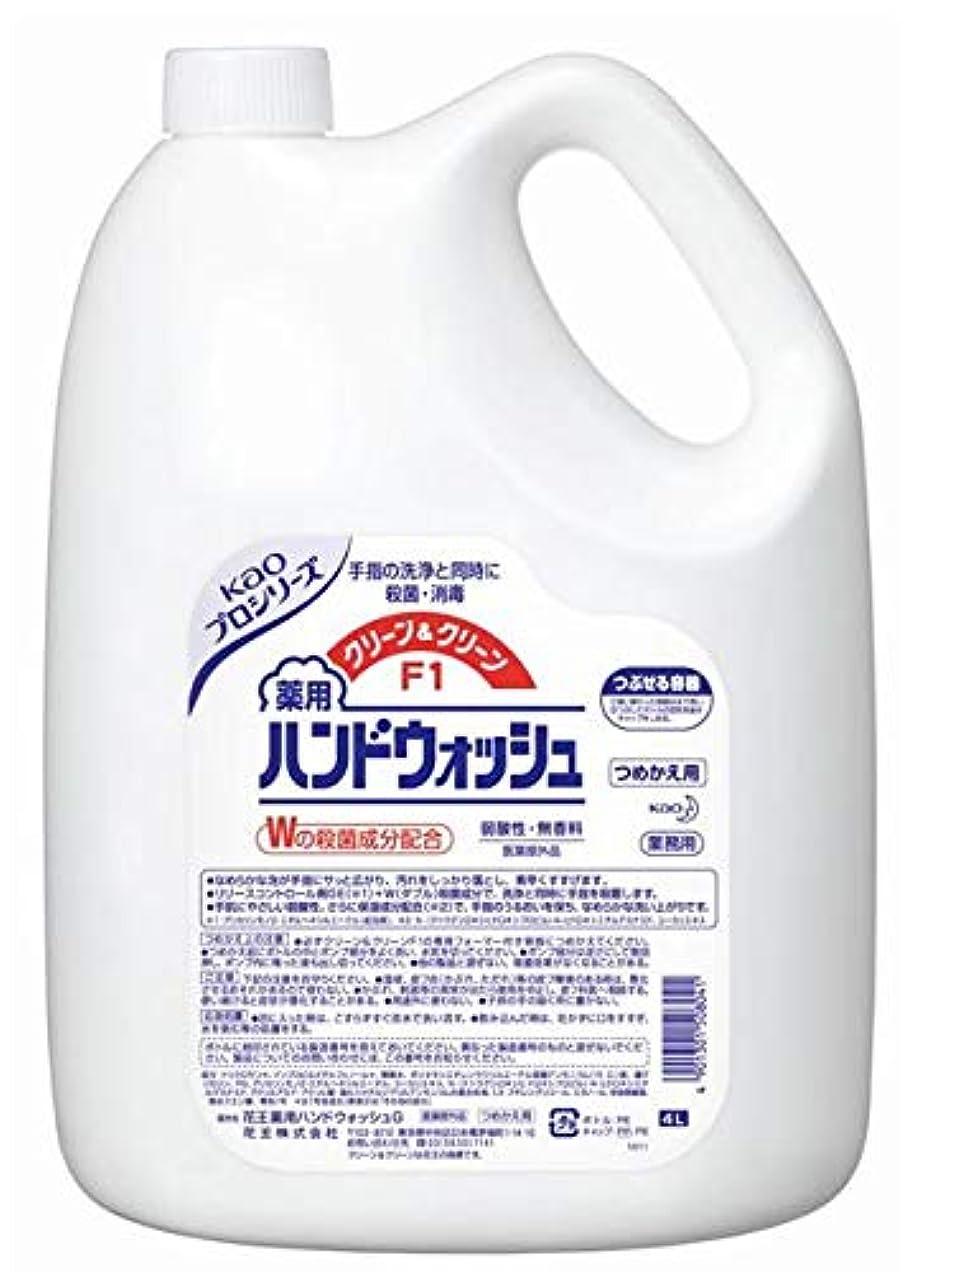 適応暴露ケーキ花王 クリーン&クリーンF1 薬用ハンドウォッシュ 4リットル 3缶セット